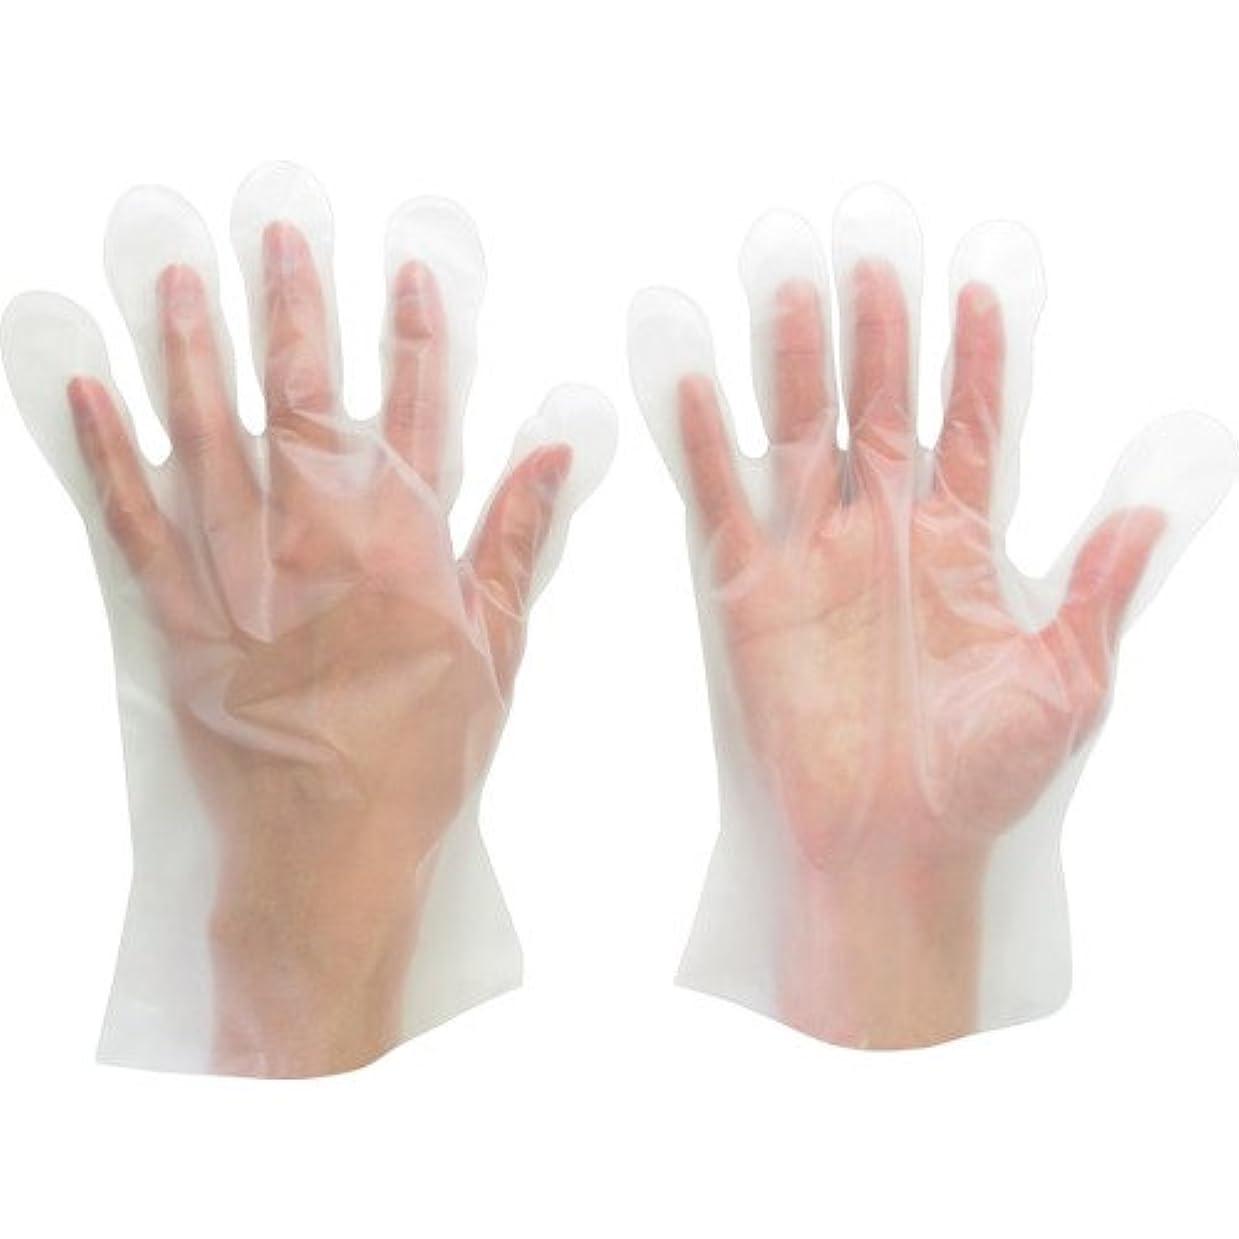 相関するイブ学習者ミドリ安全 ポリエチレンディスポ手袋 ベルテ573 100枚 袋入 M(入数:100枚) VERTE-573-M